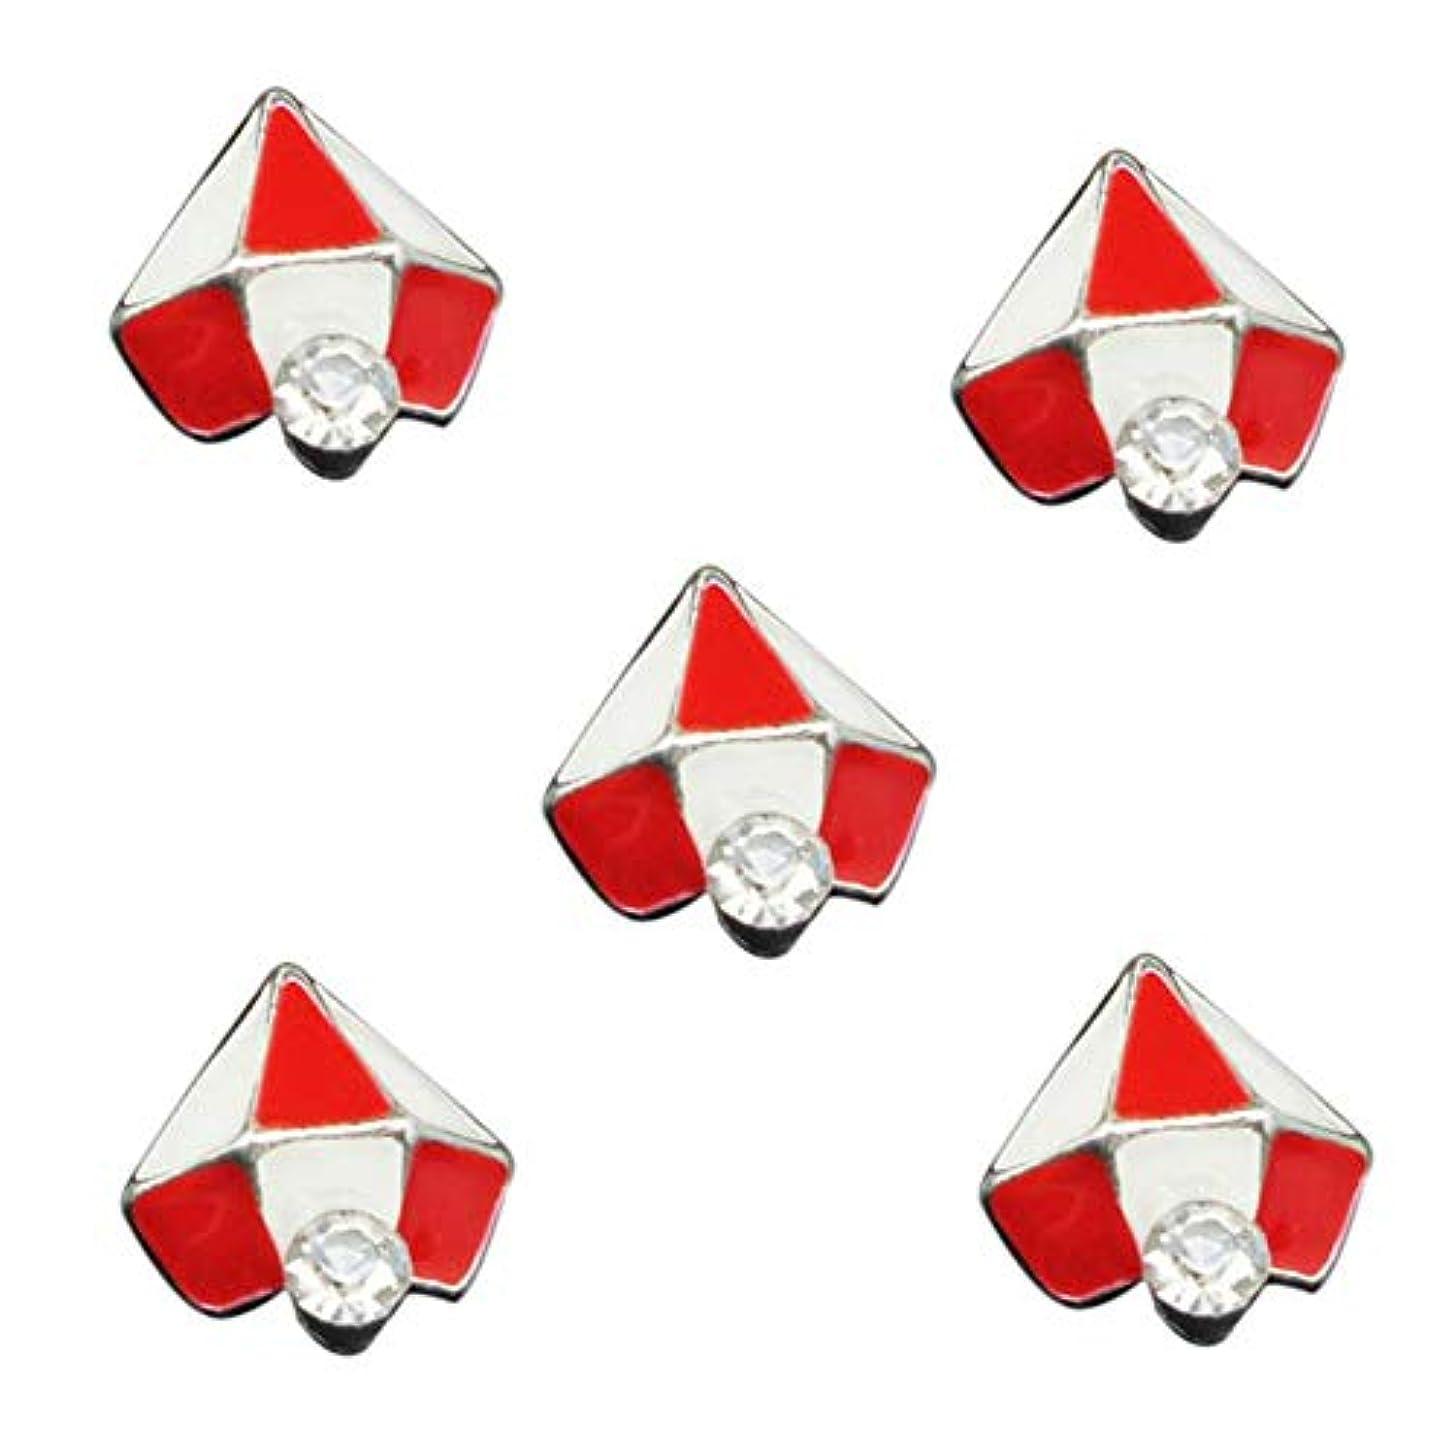 再集計いつか地獄10PCSの3Dグリッタージュエリーレッドダイヤモンドデザインネイルアートジェルステッカーの接着剤のラインストーンネイルマニキュアスタイリングツールのために